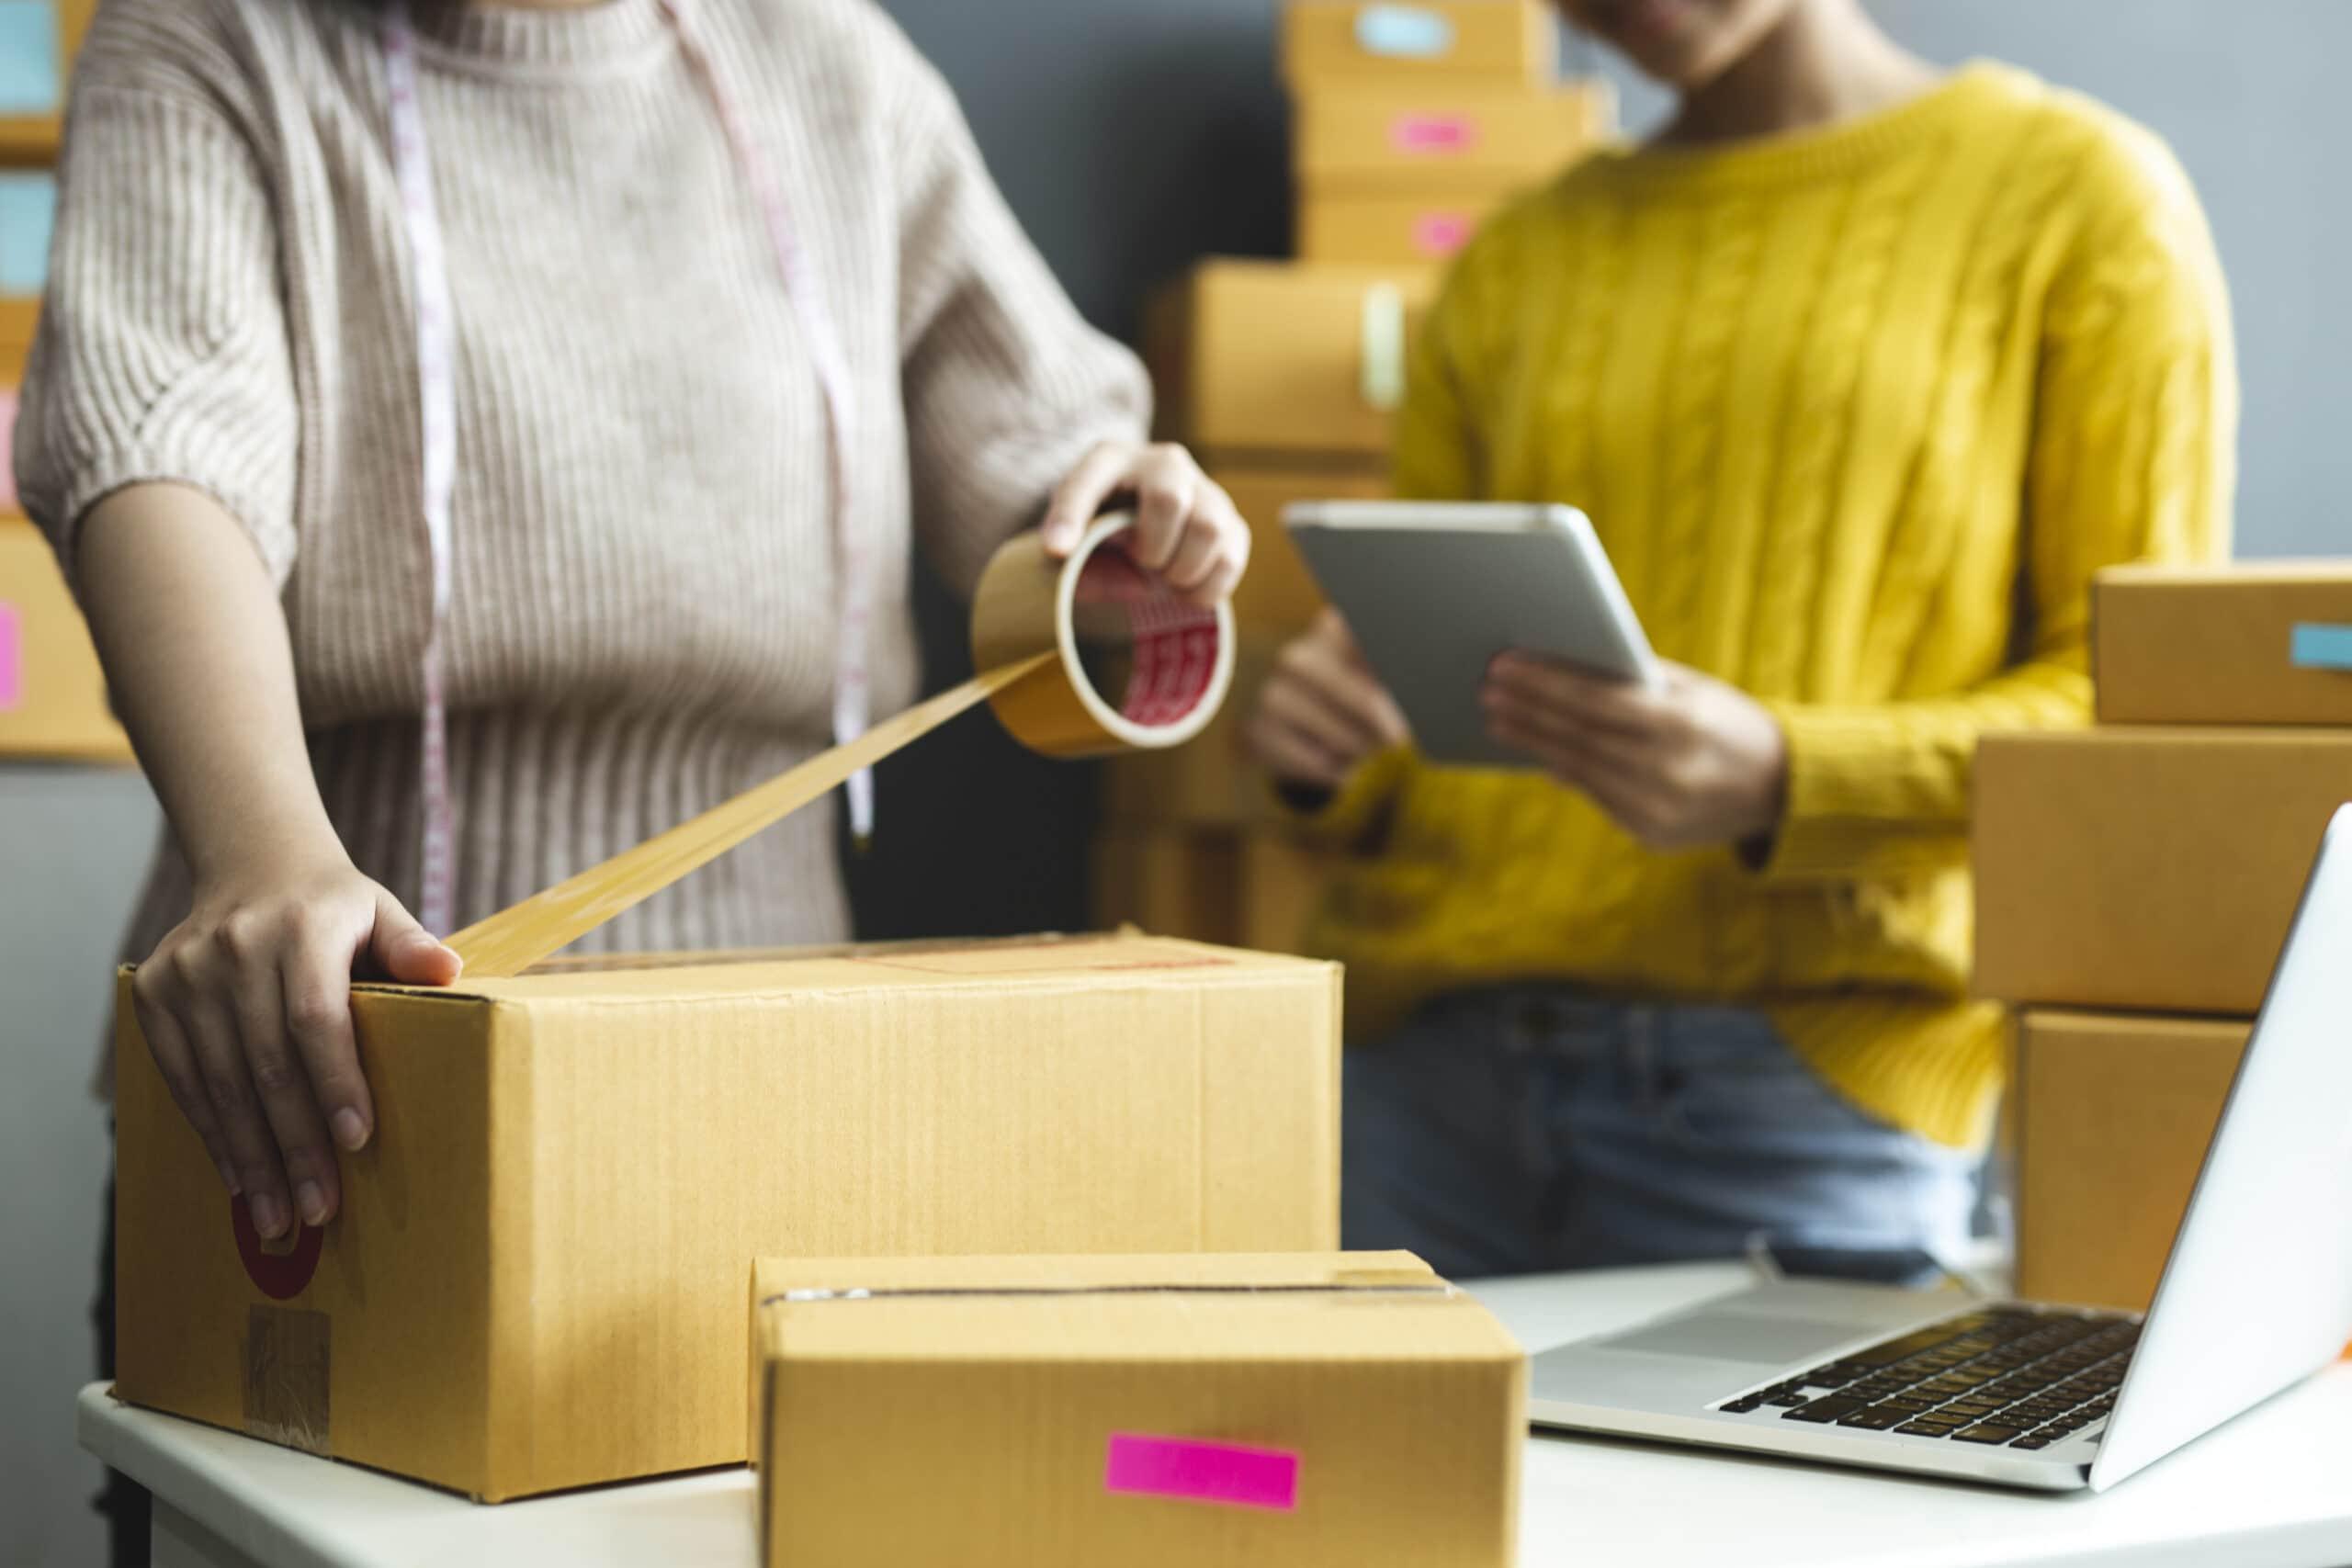 Moteris pakuoja siuntą, e-komercijos verslo įvaizdinis paveikslėlis